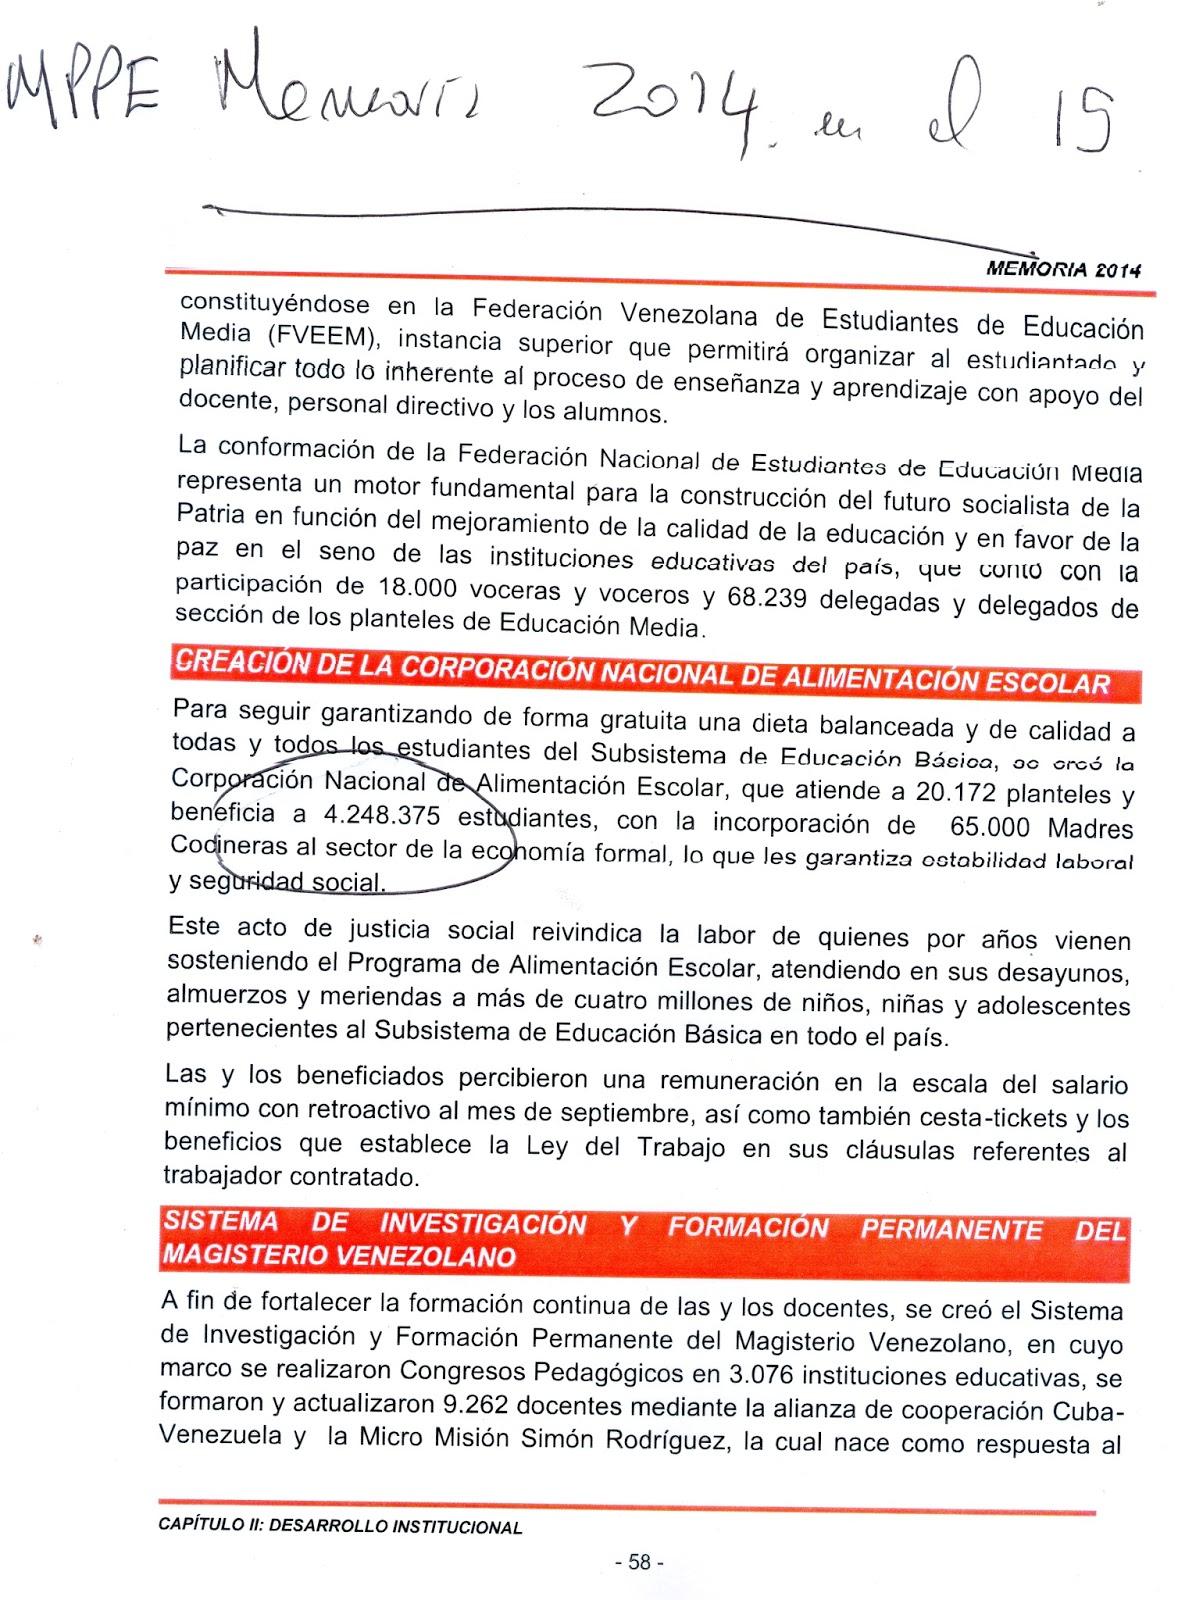 Memoria Educativa Venezolana, paso a paso: 2/08/15 - 9/08/15